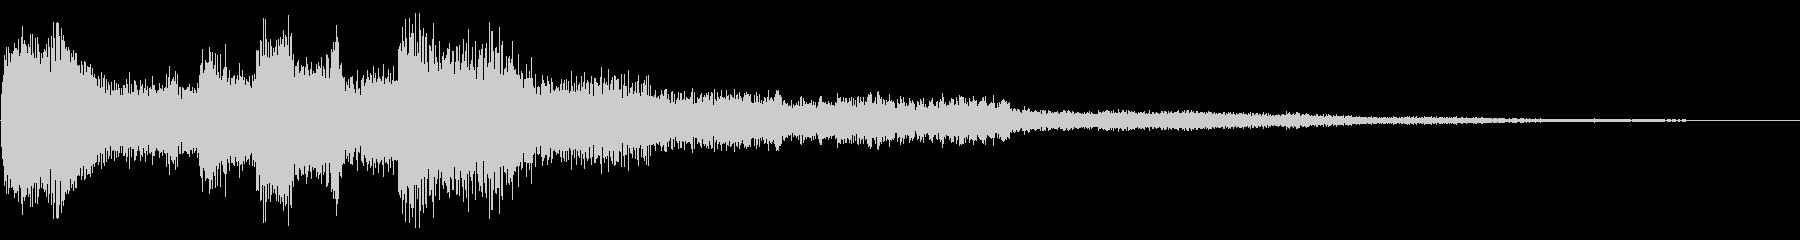 幻想的なシンプルな場面転換音 CMインの未再生の波形